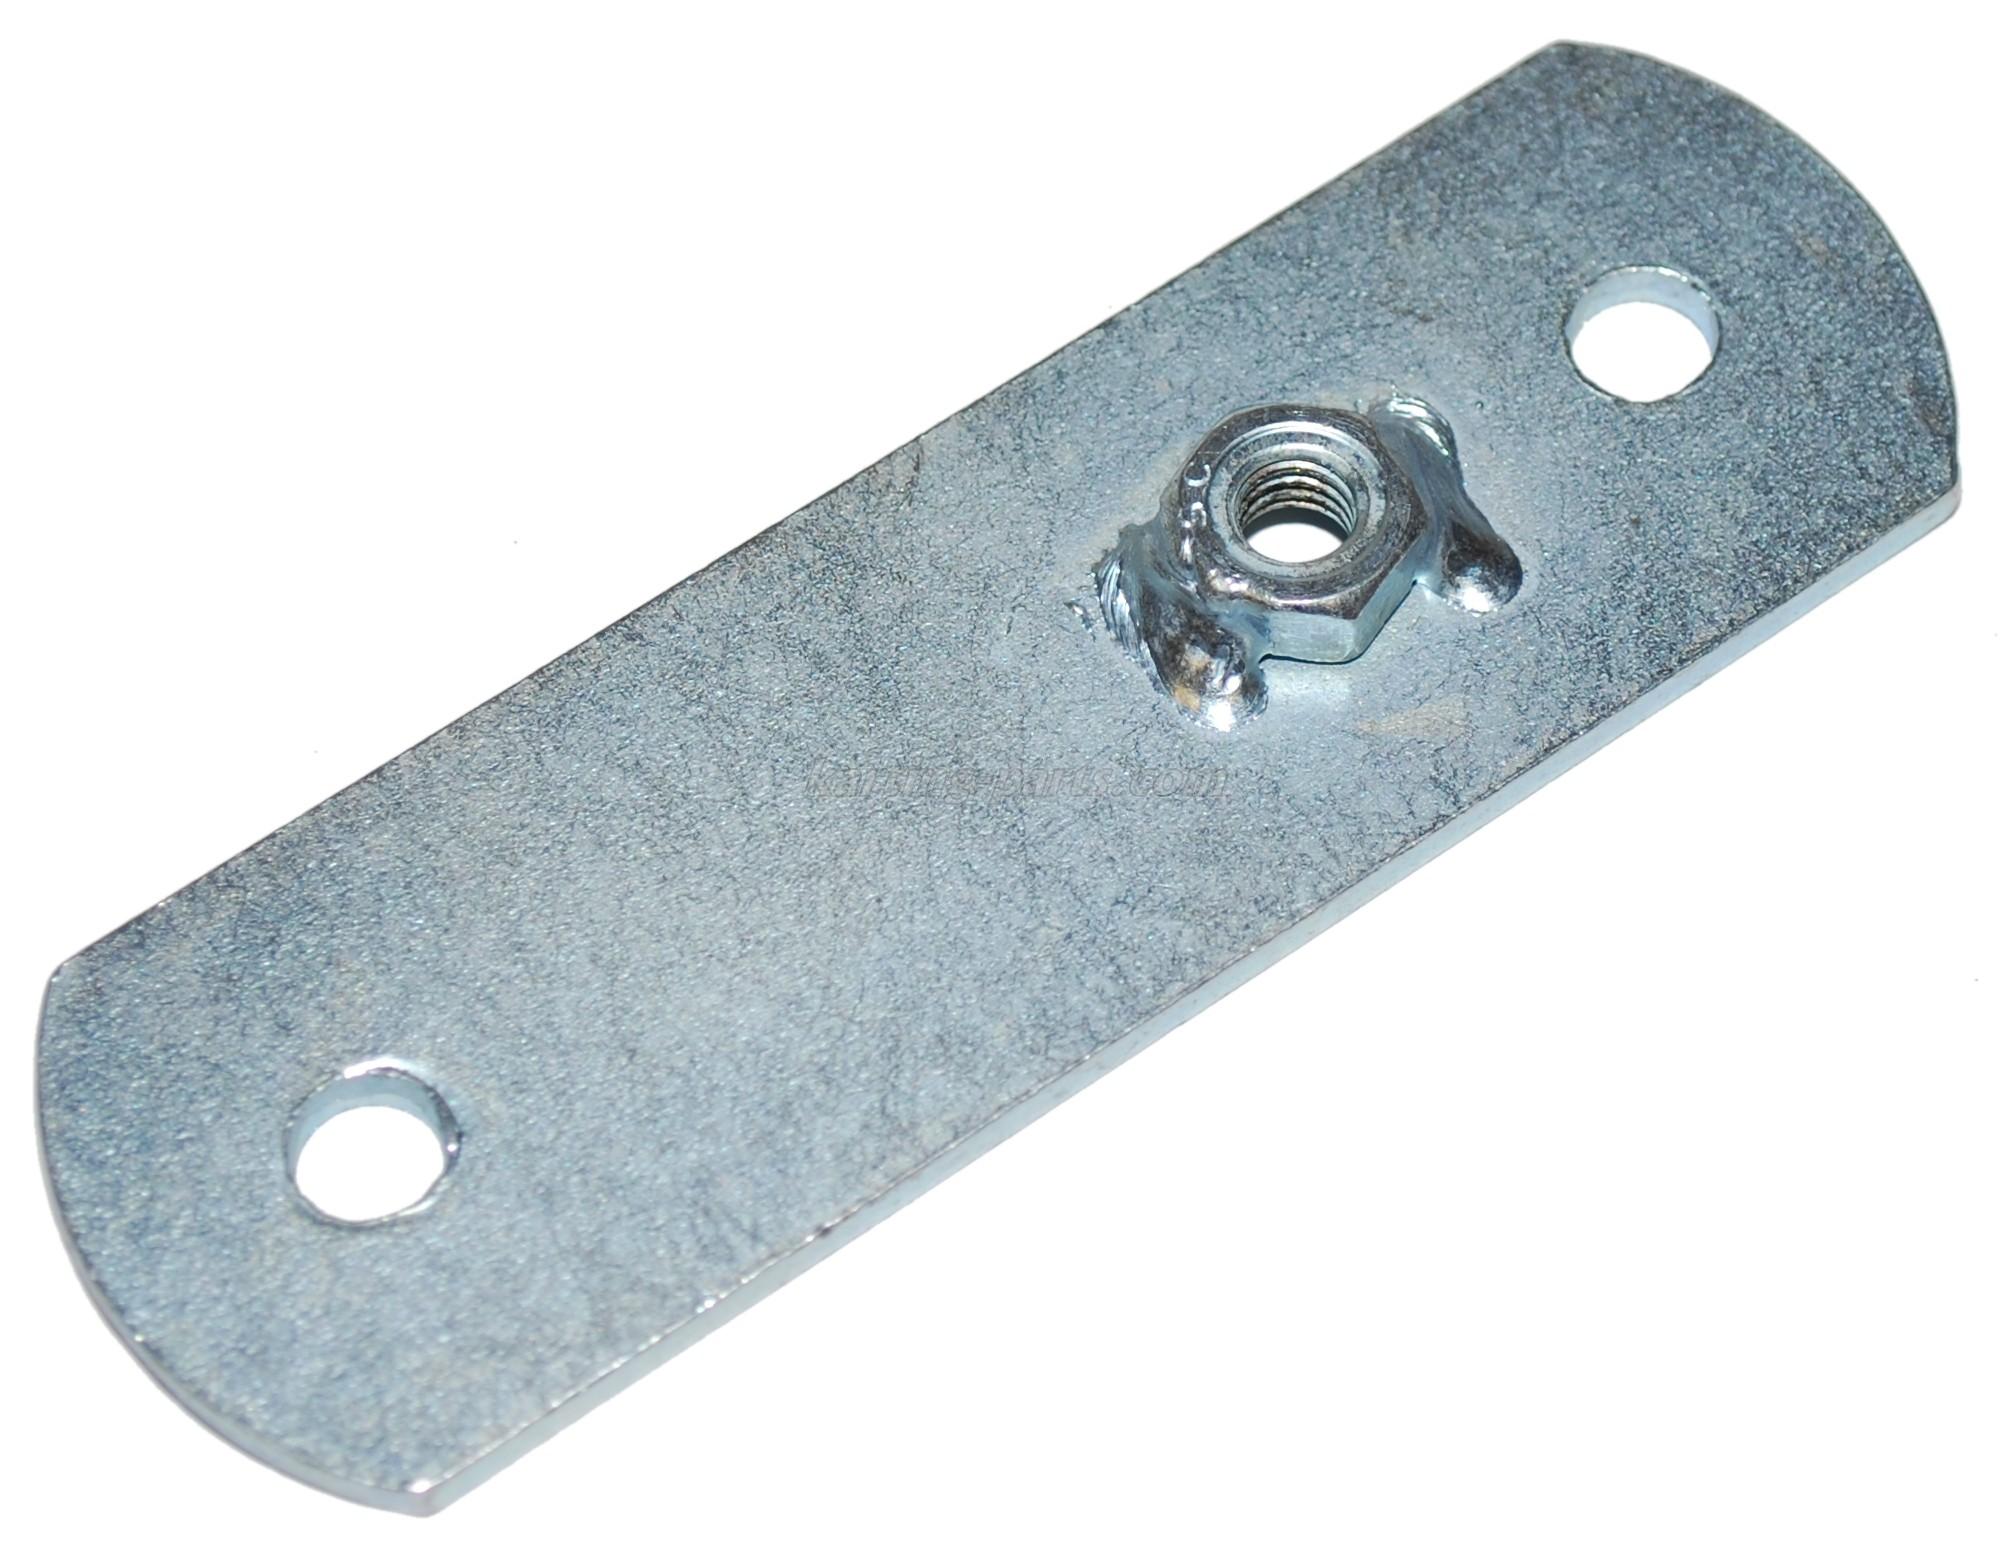 Rear fairing plate